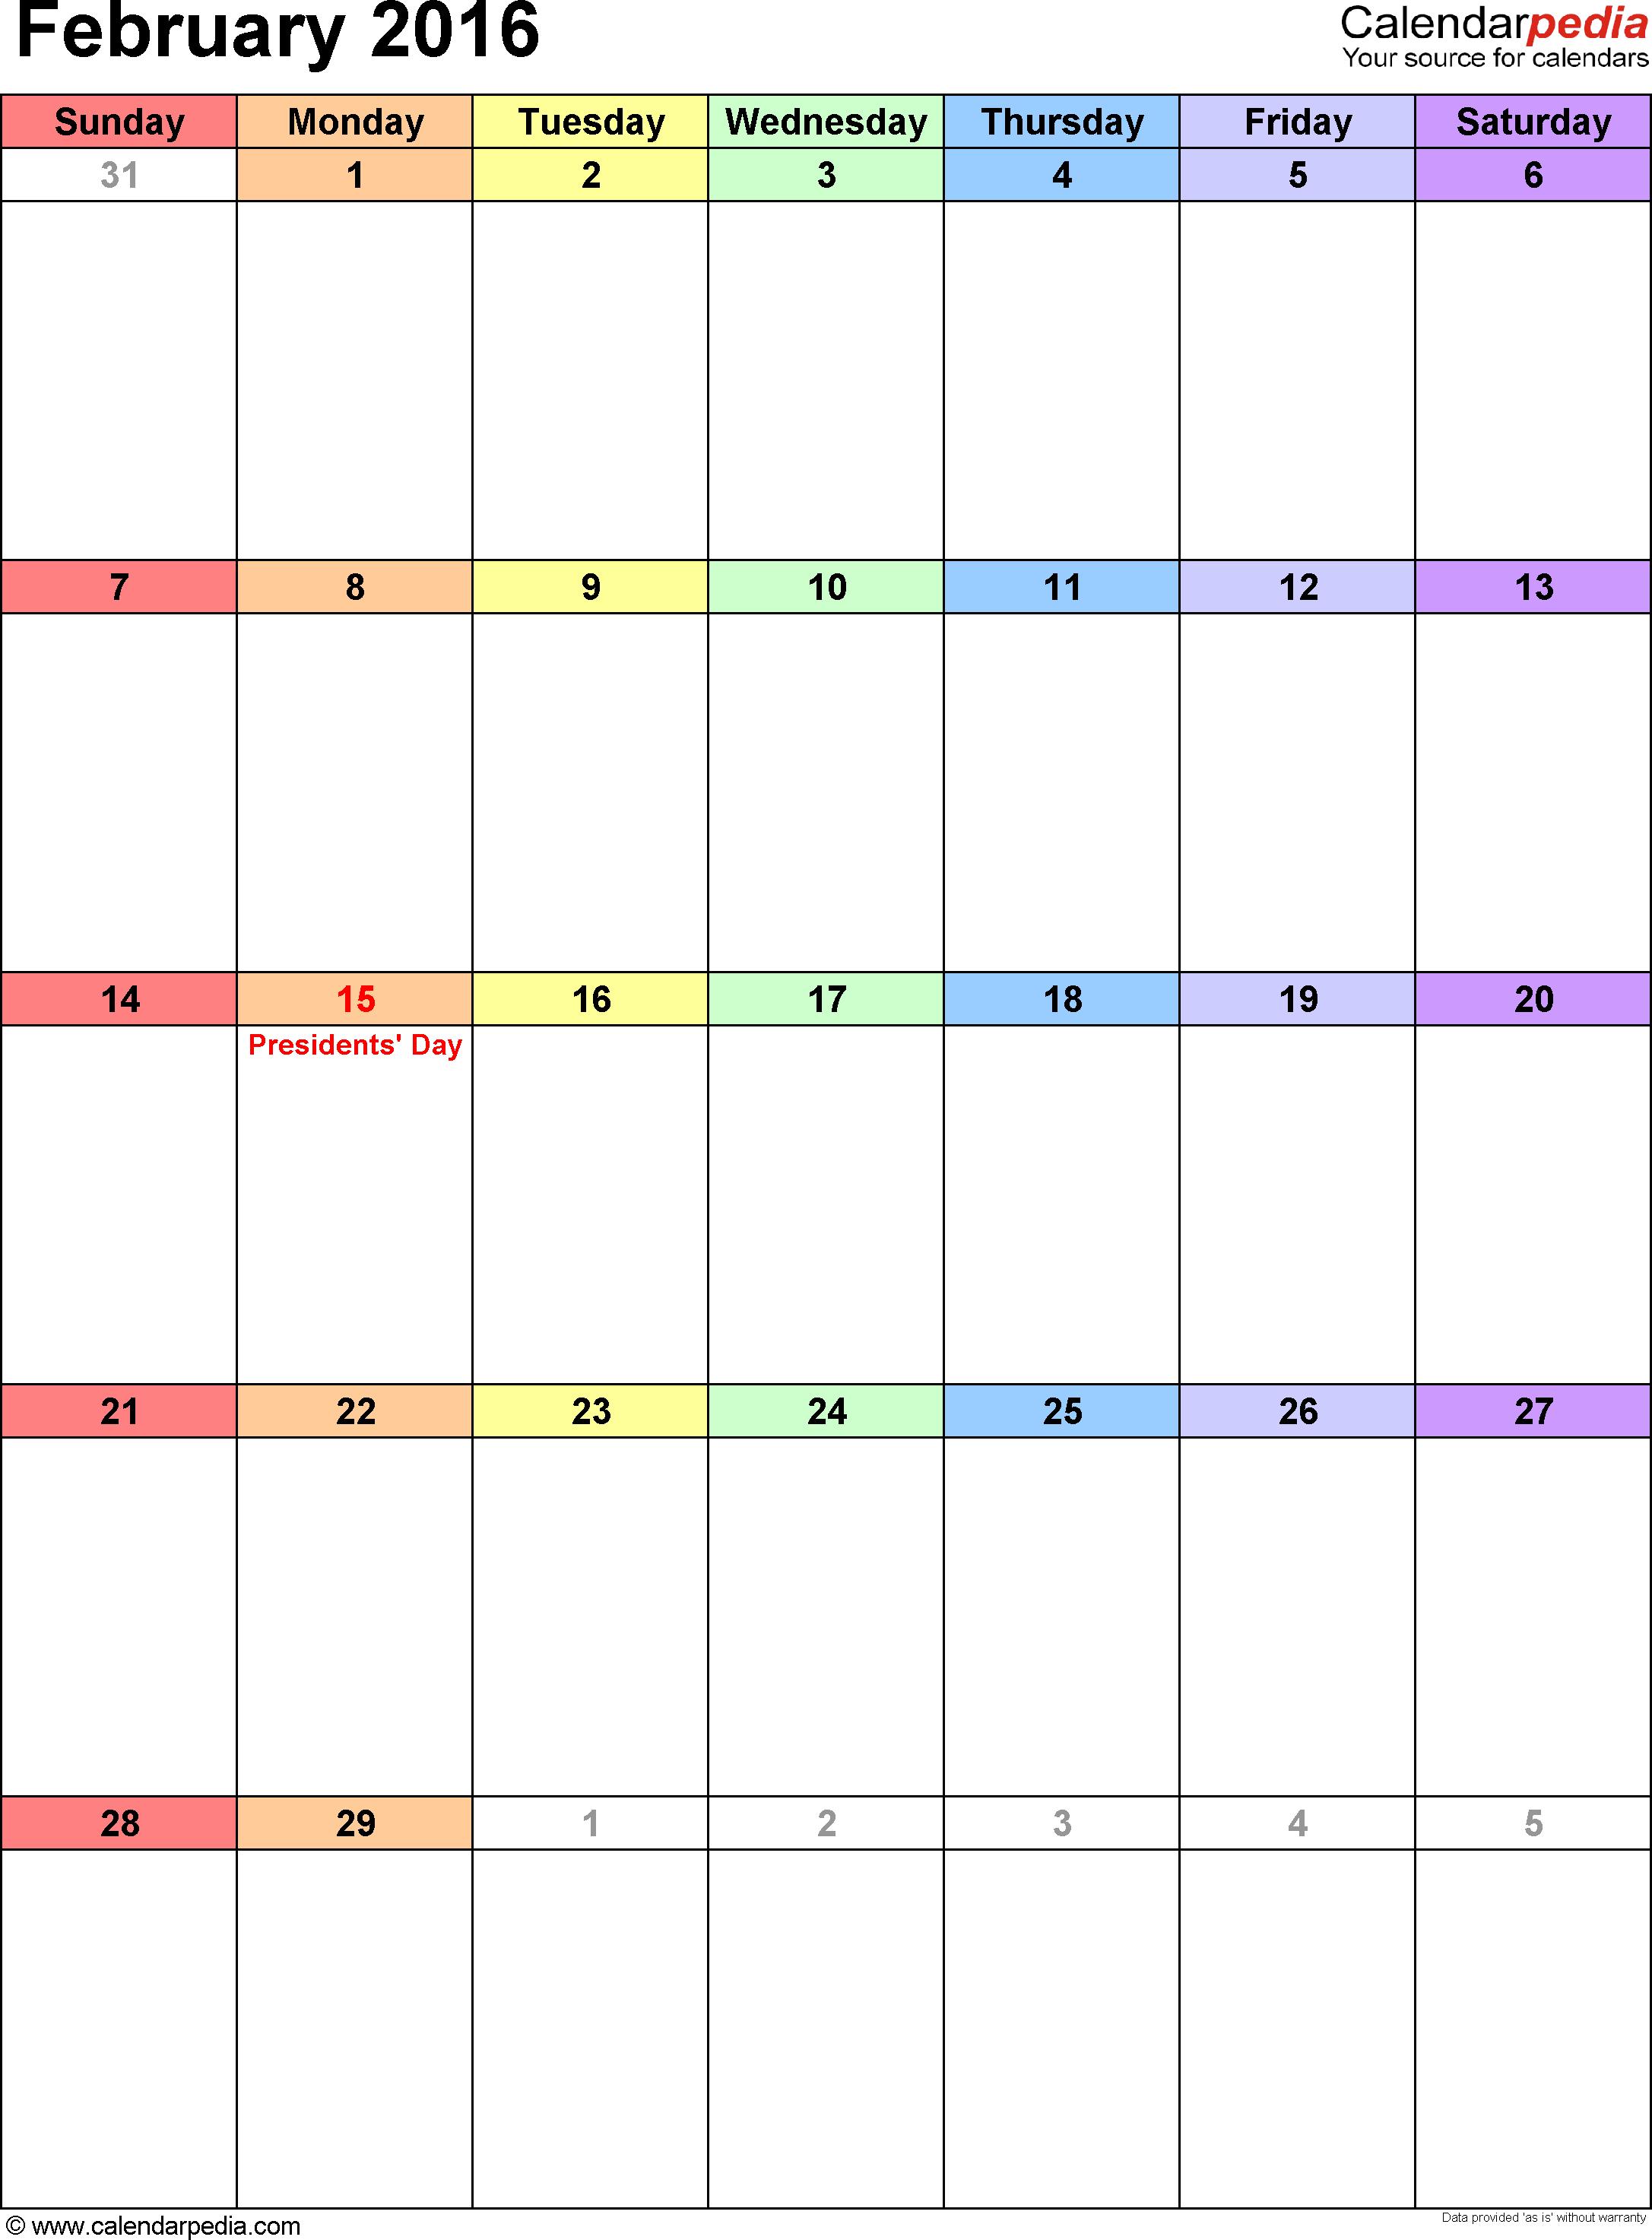 August 2015 Calendar Template